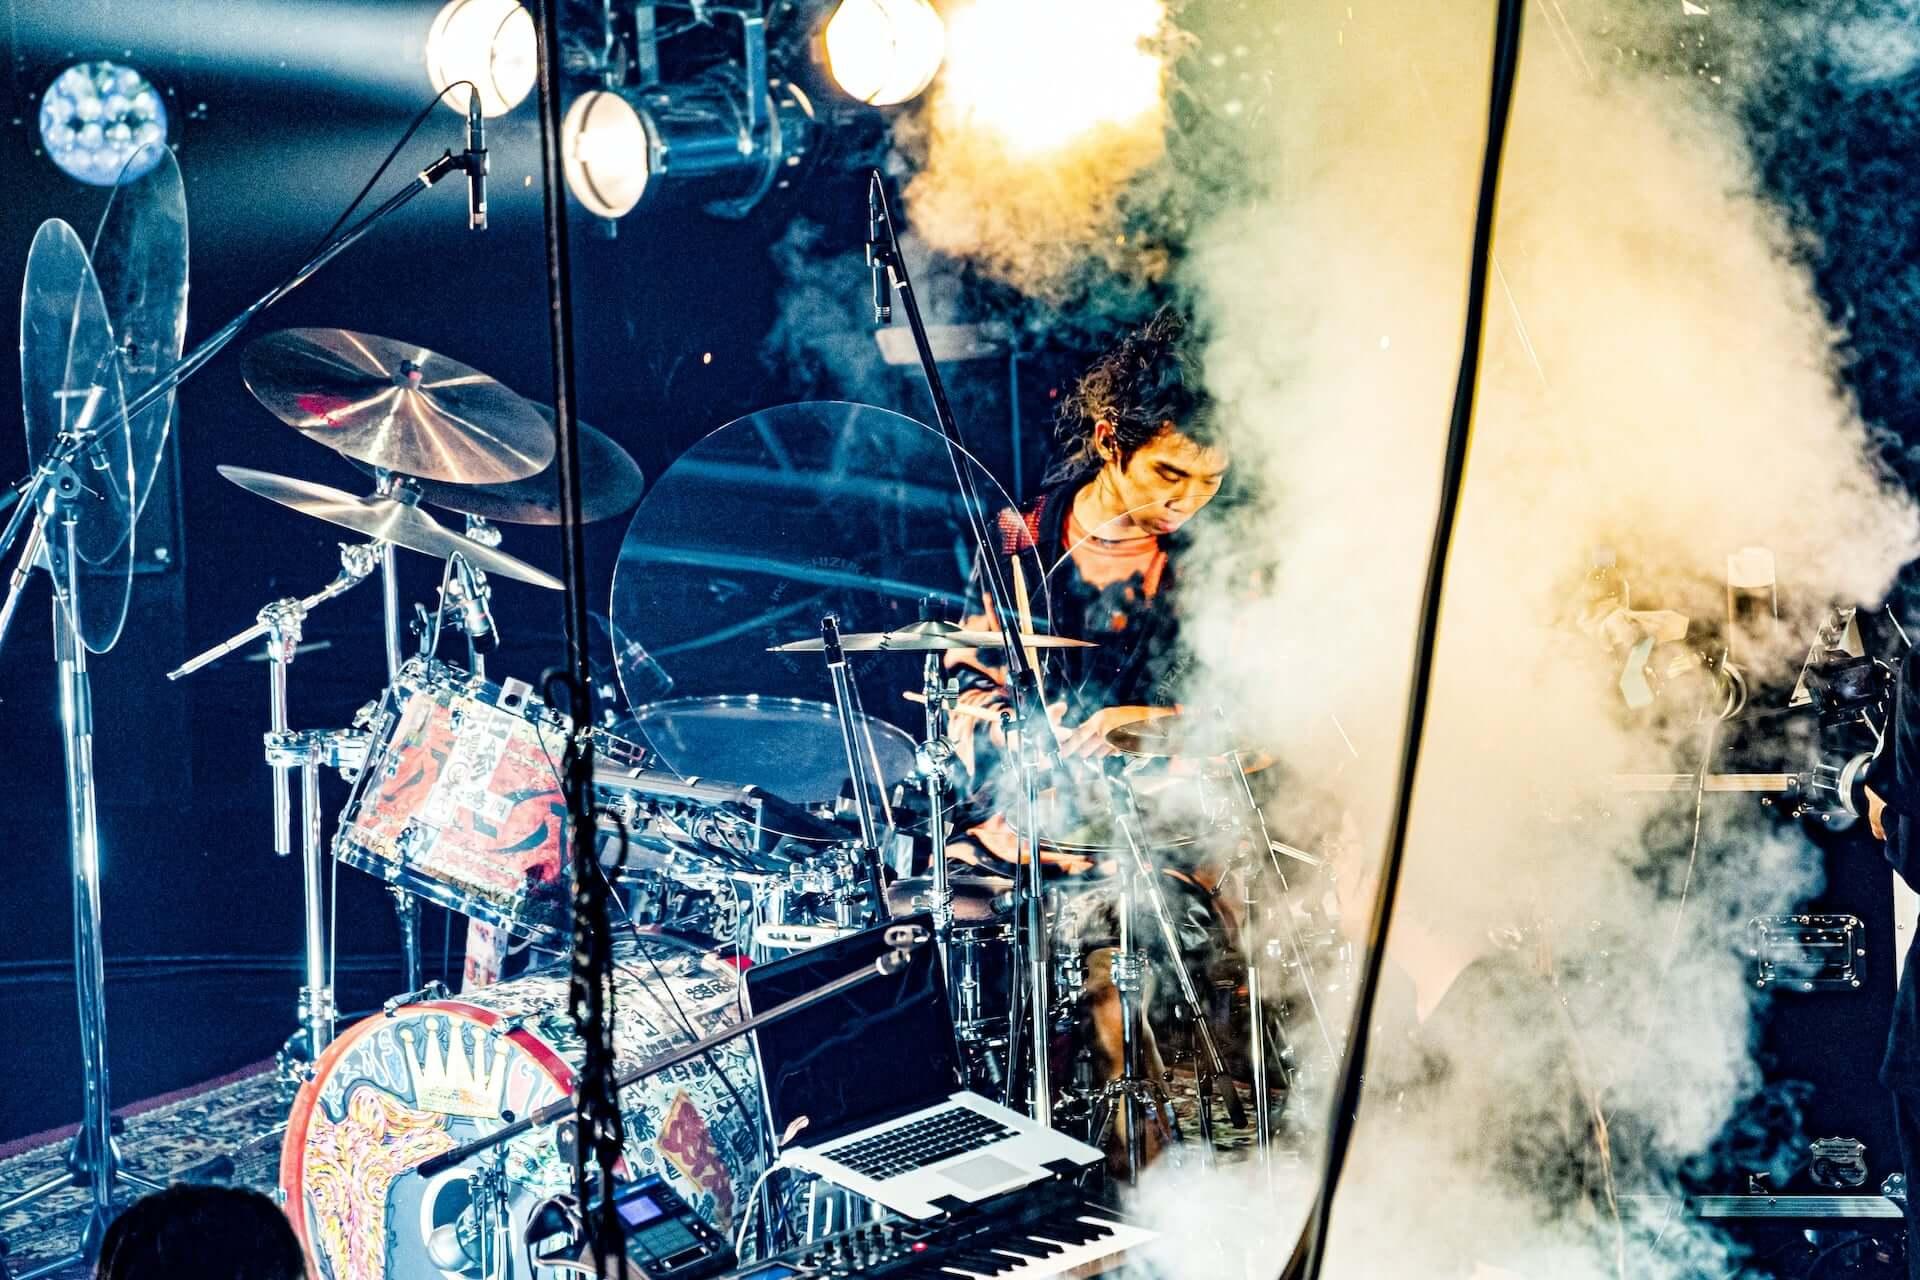 King Gnuがバンド初の配信ライブ<King Gnu Streaming Live>を実施!ライブレポートが到着 music200831_kinggnu-live_9-1920x1280